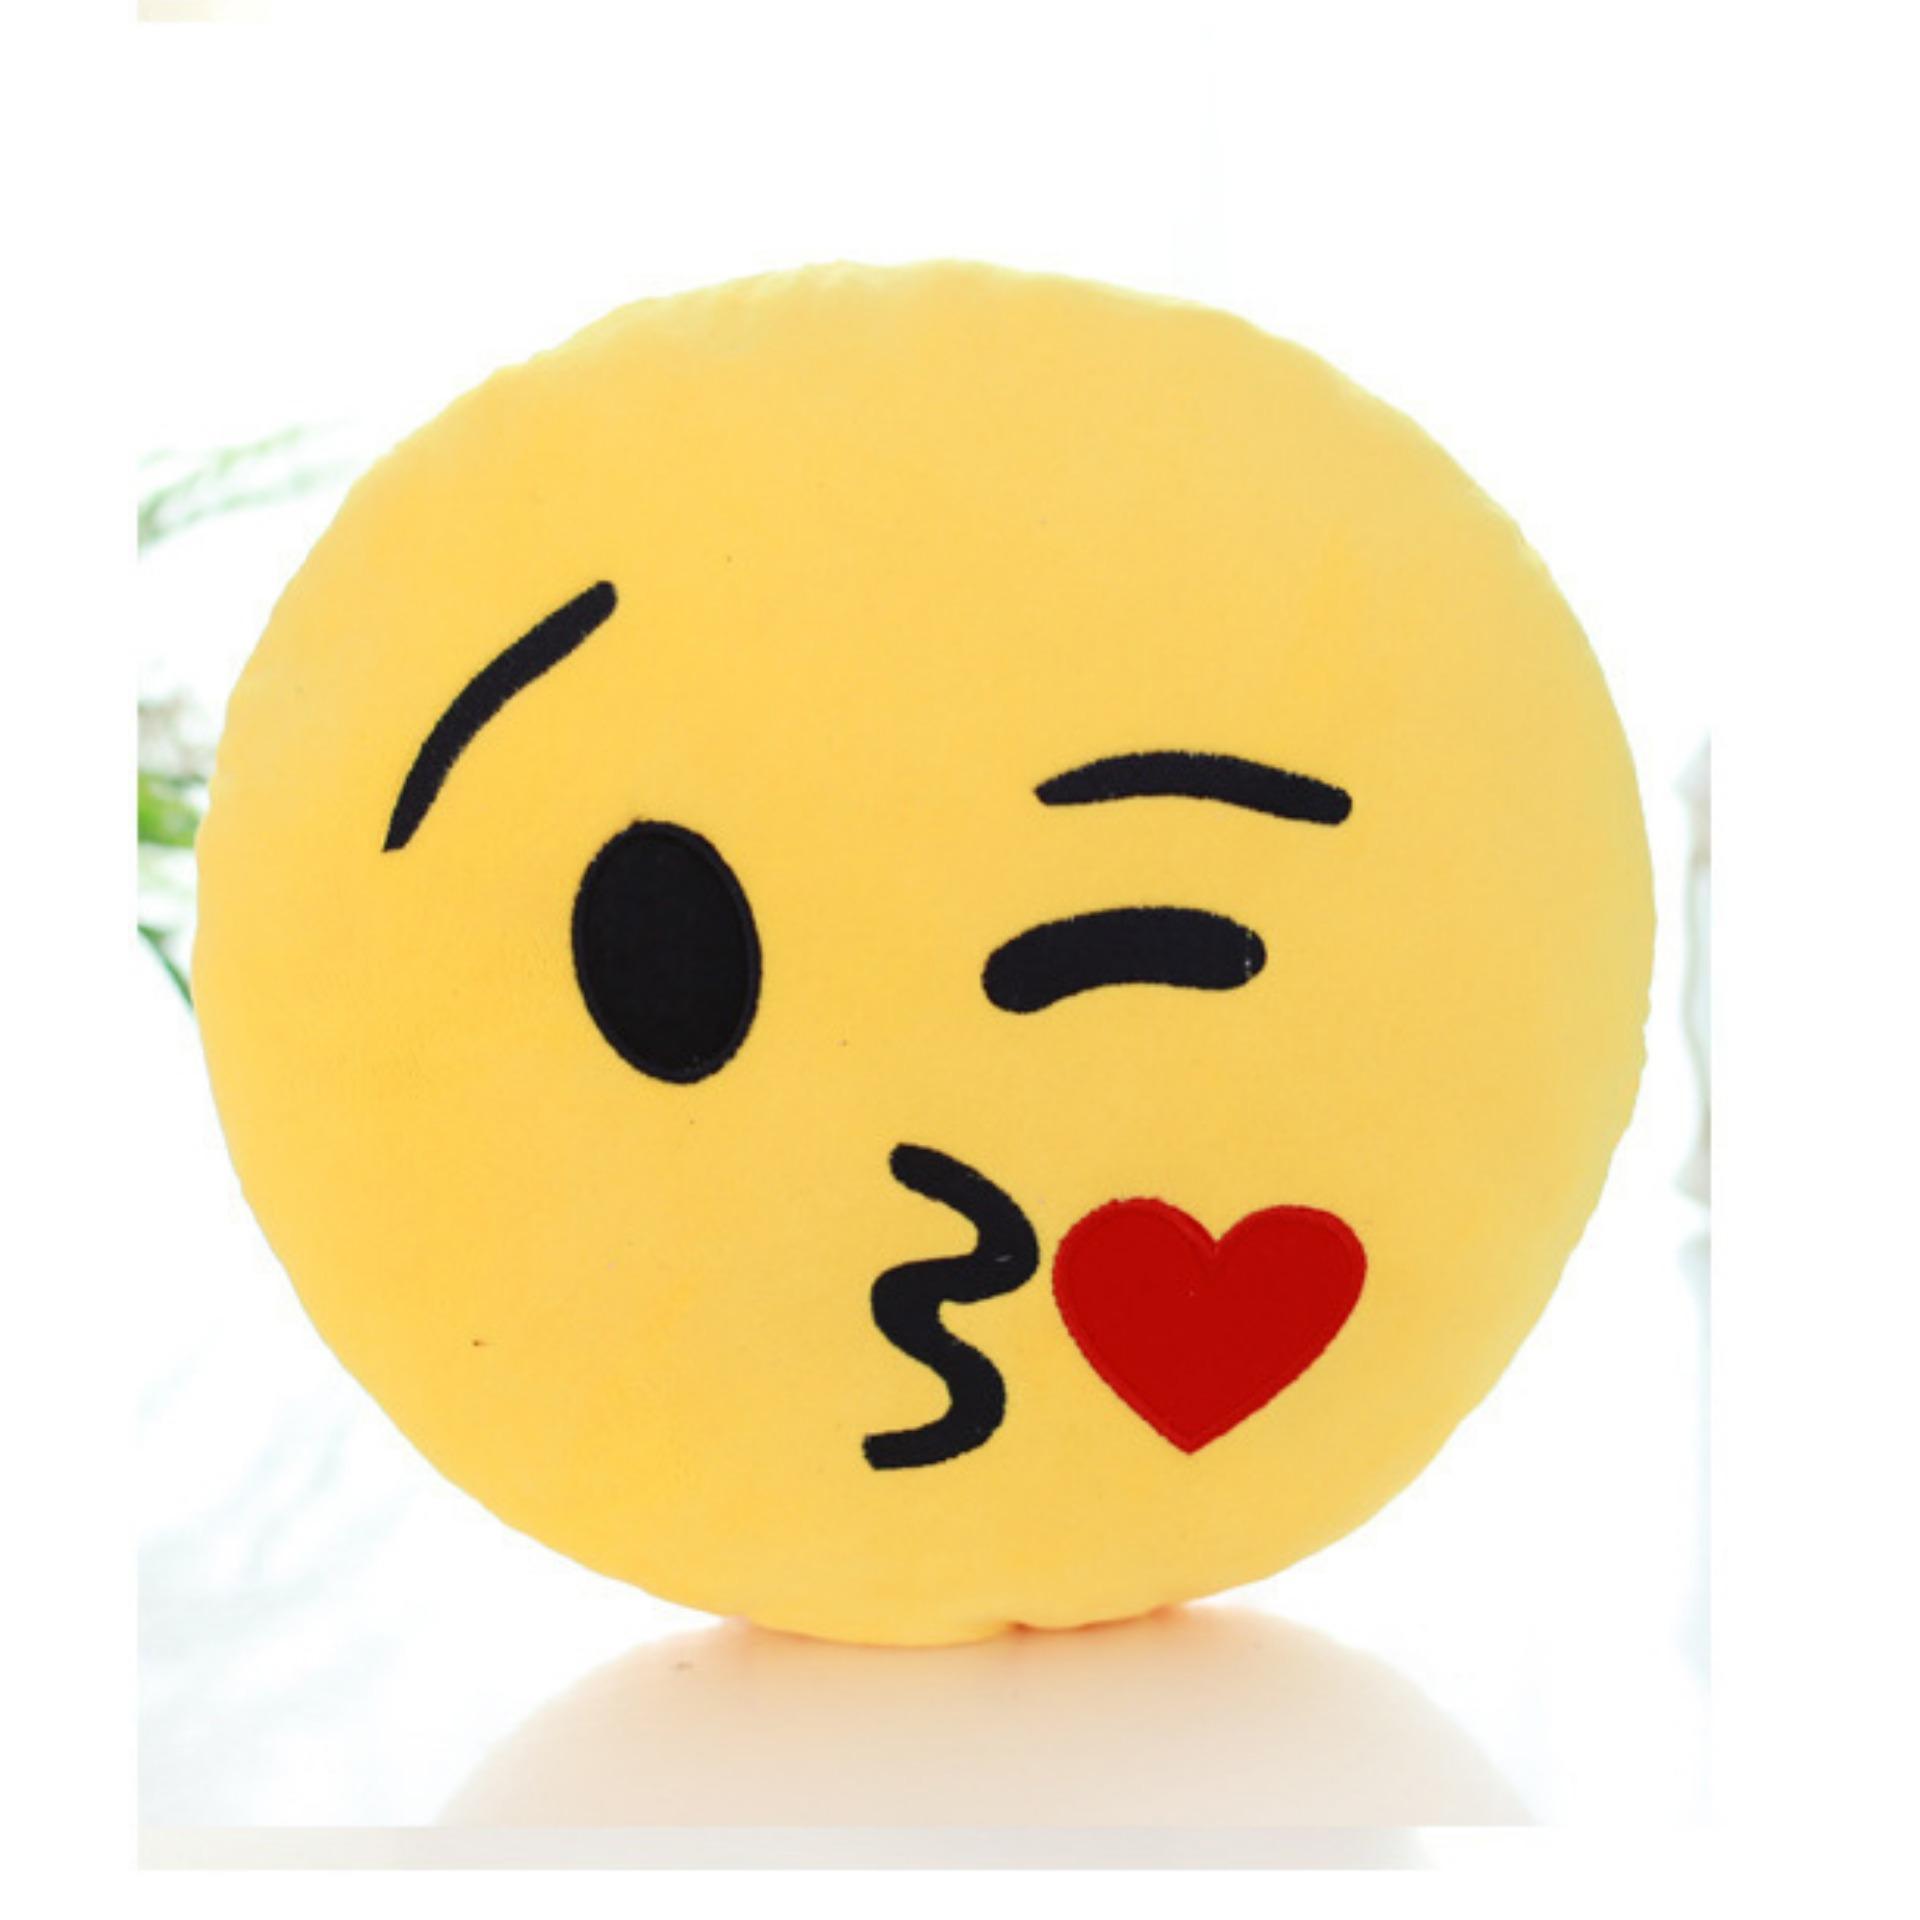 Gối quà tặng MinHi – Gối mặt cười tình yêu